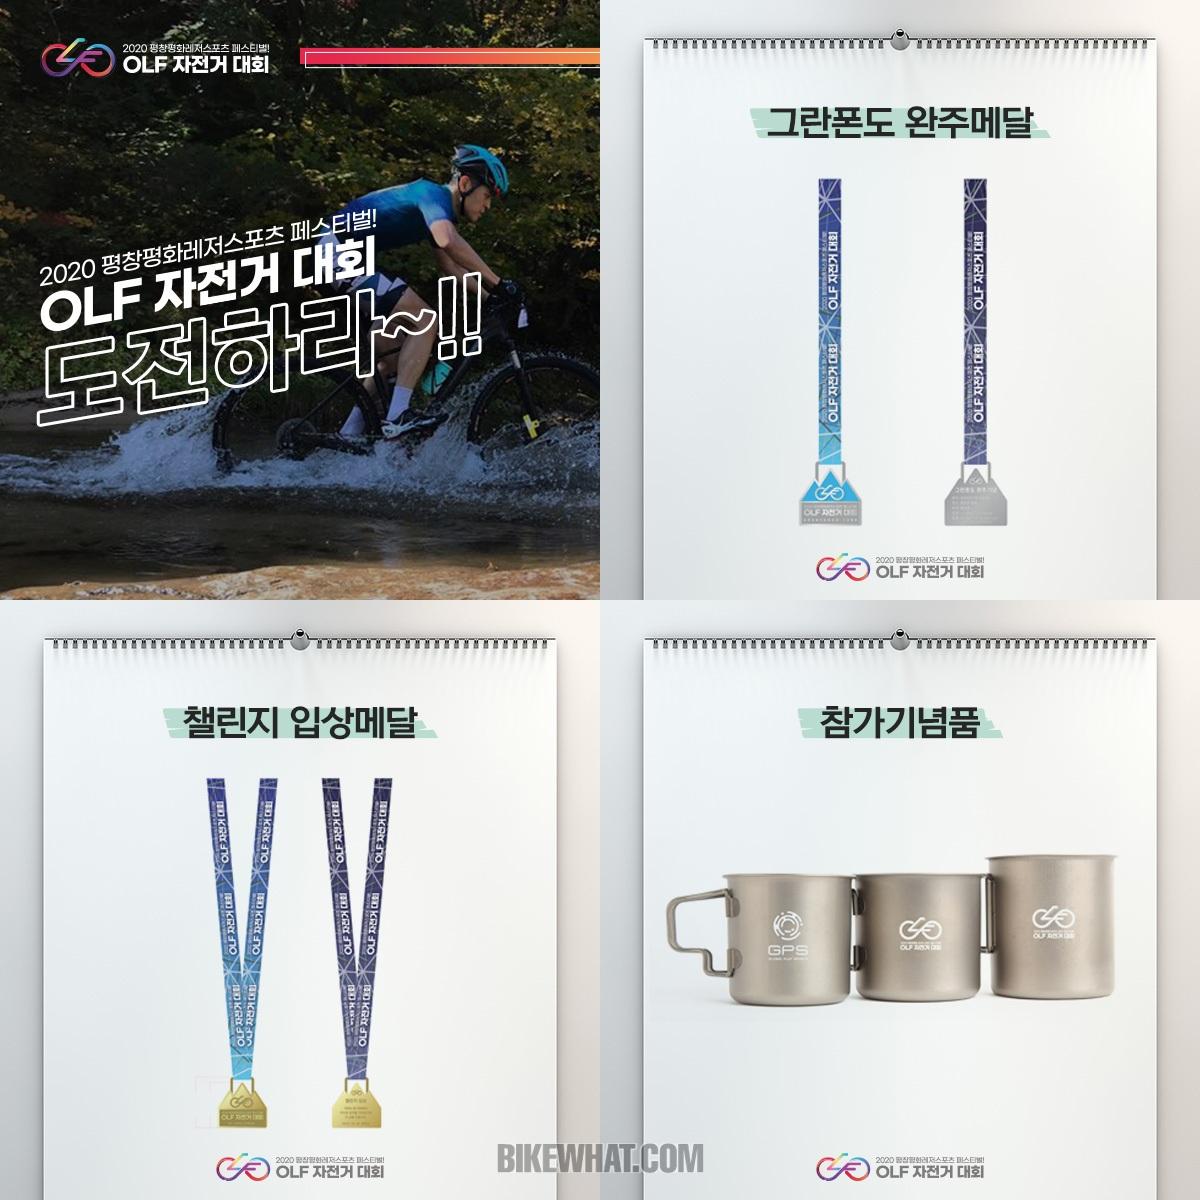 news_Pyeongchang_OLF_2_4.jpg